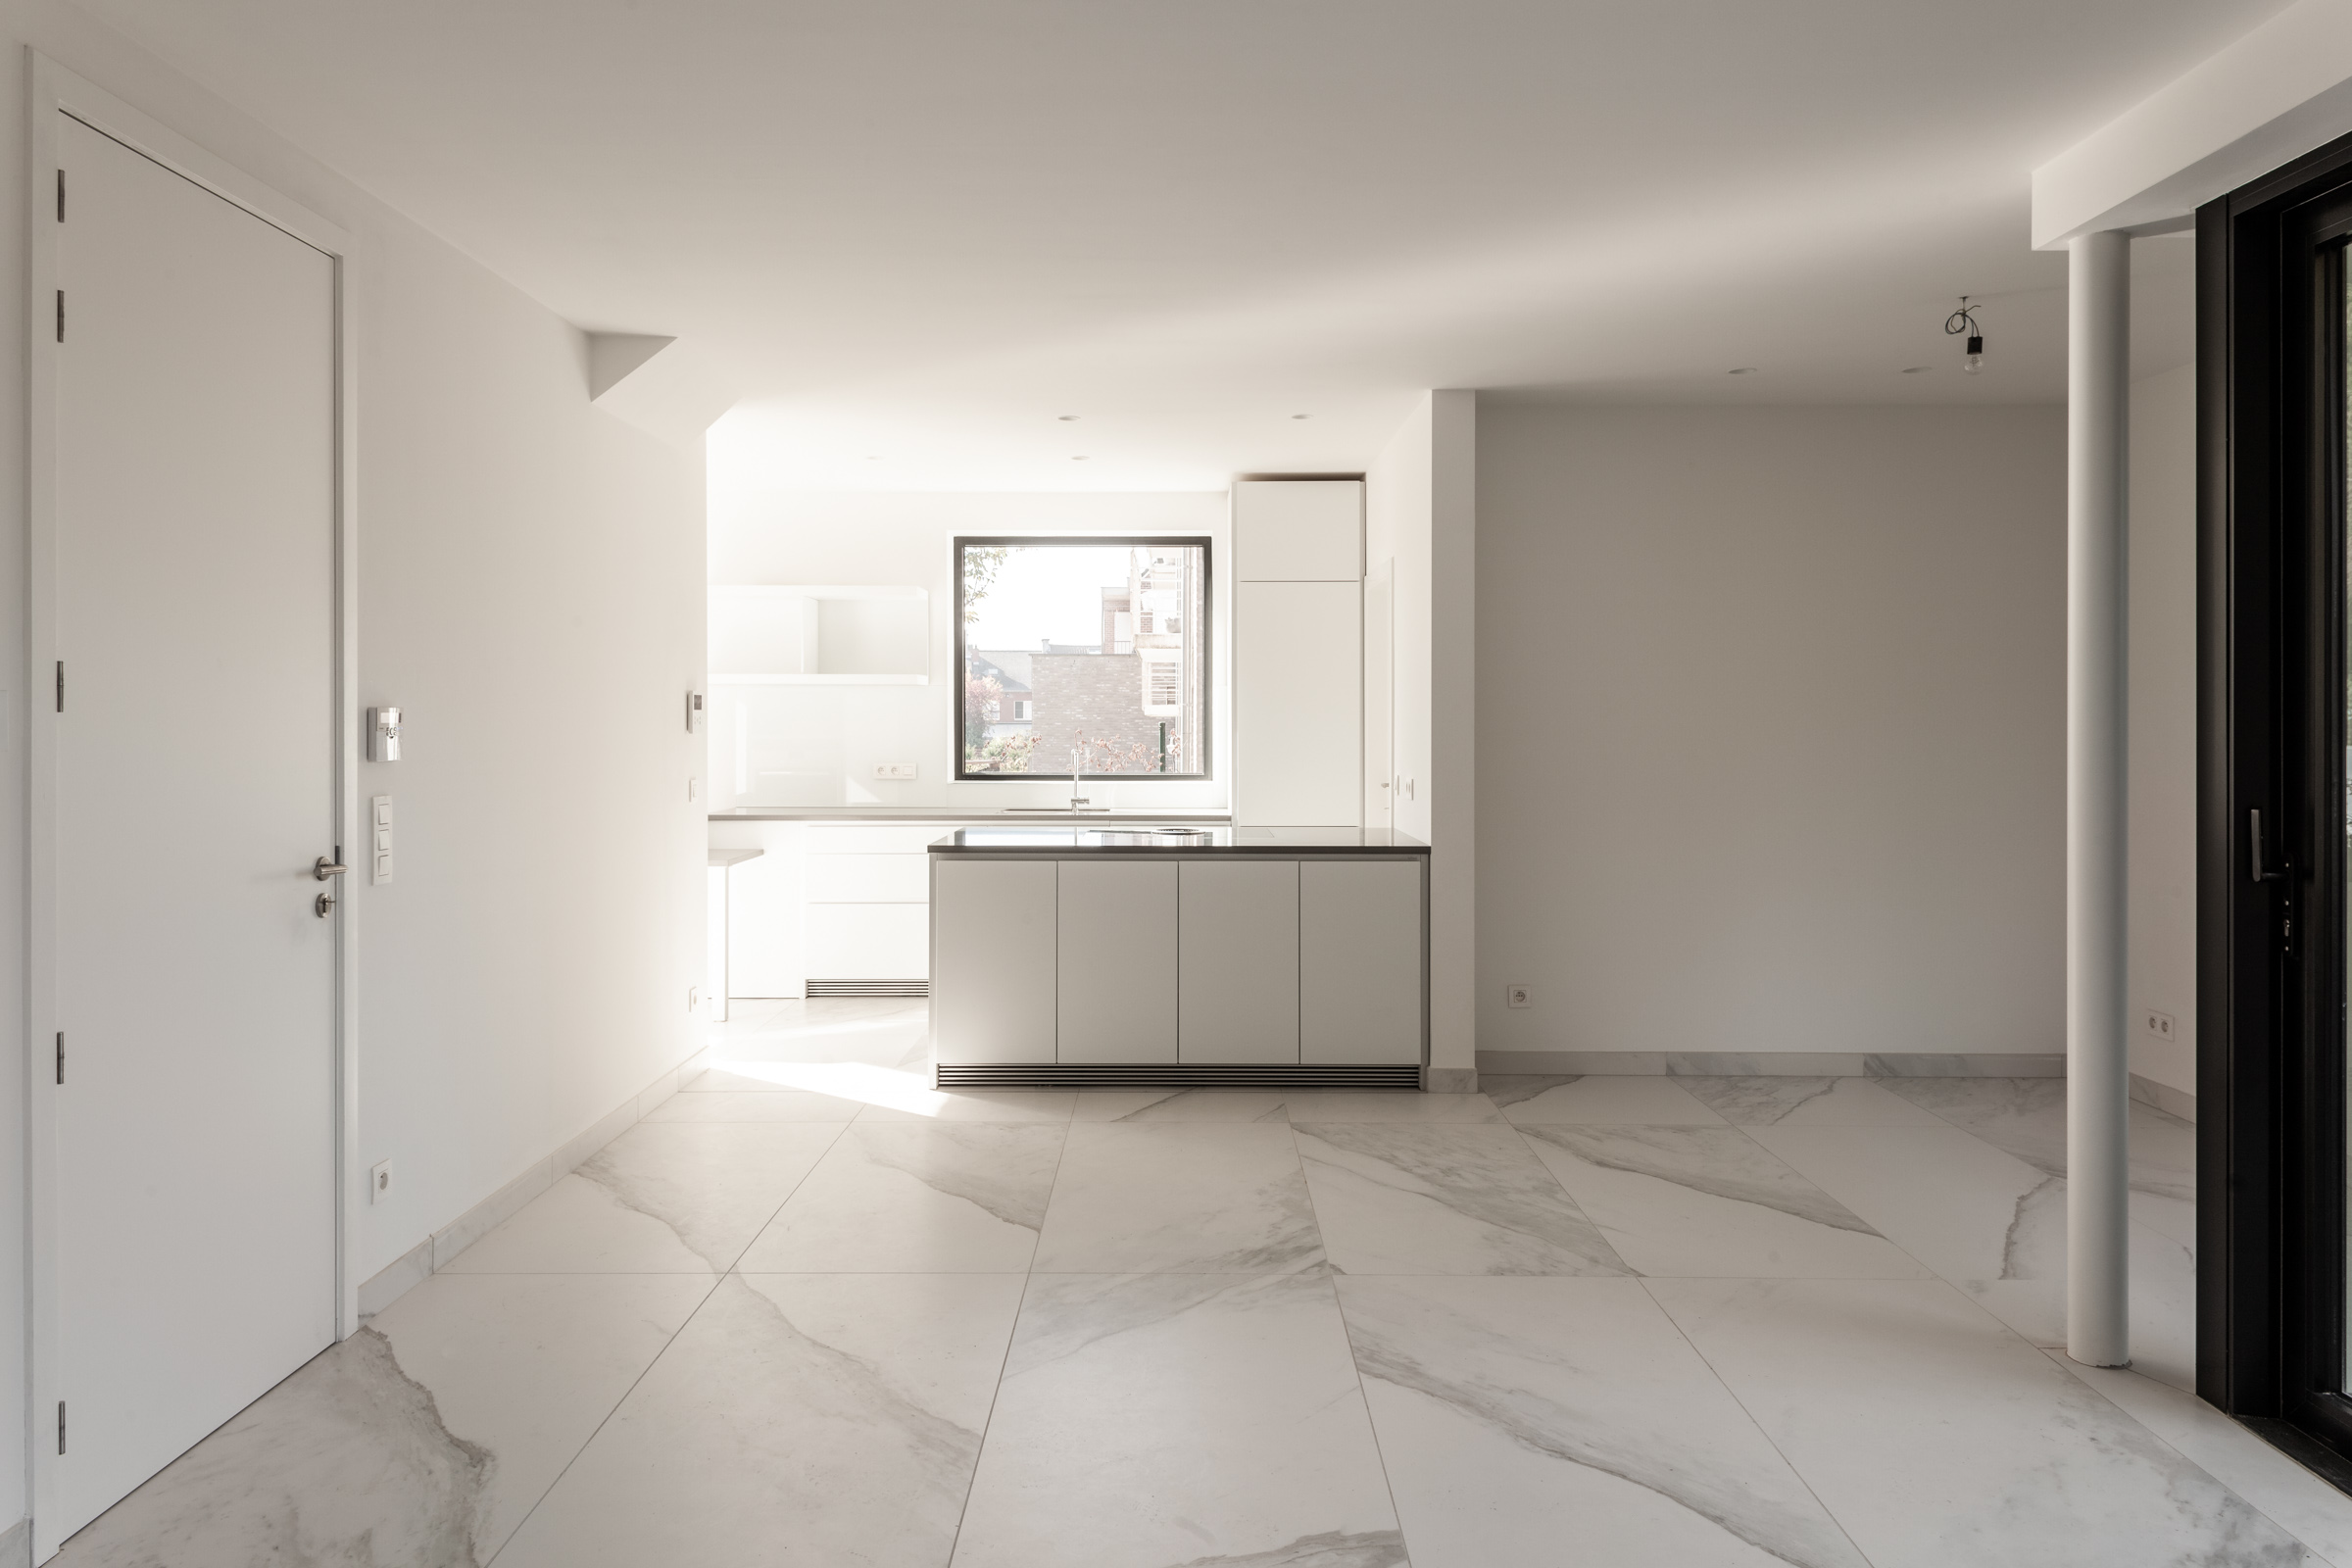 Immo Robekon II by OSK-AR architecten